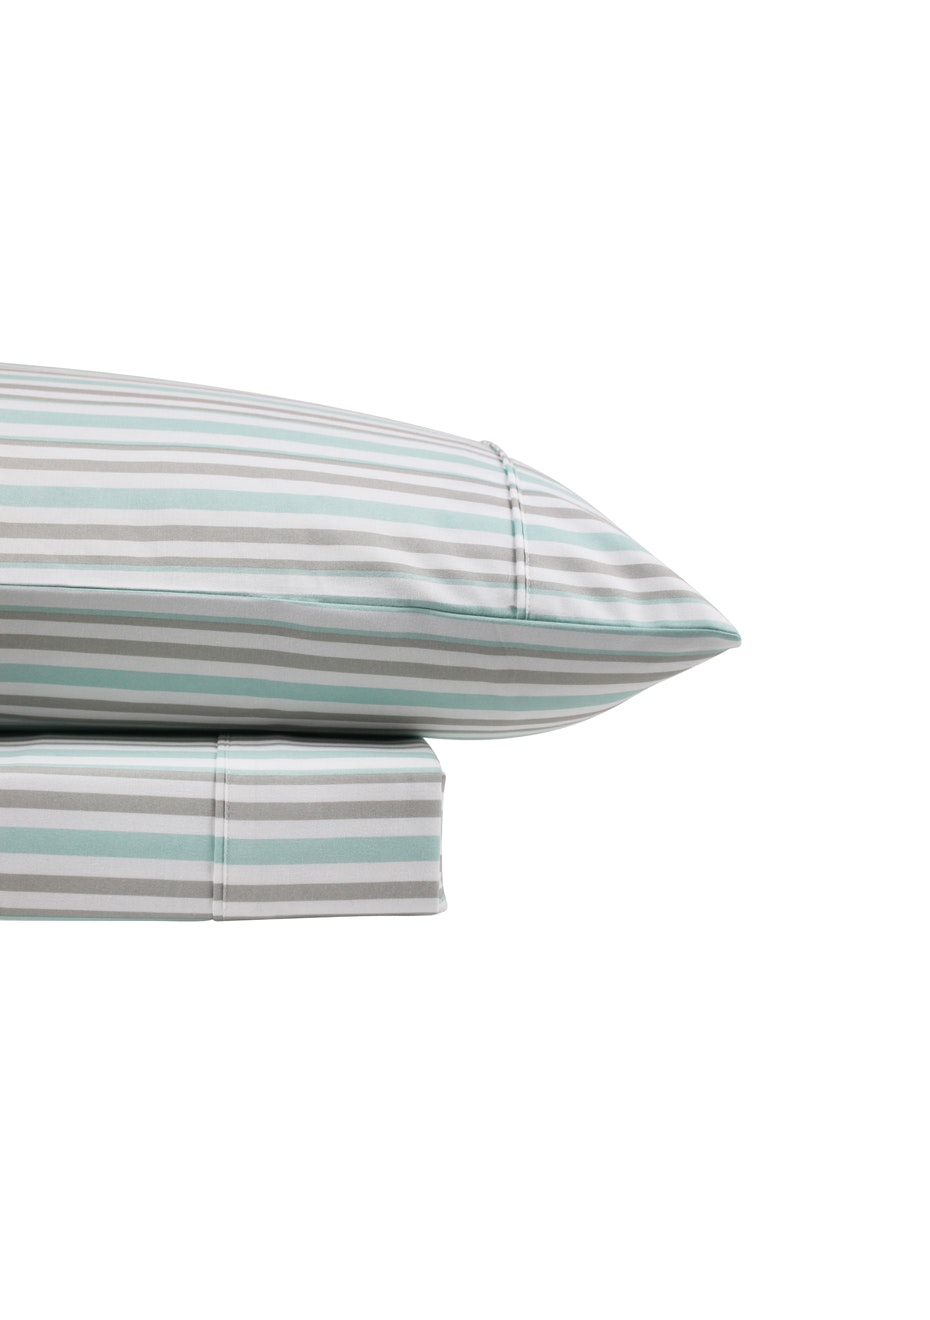 Thermal Flannel Sheet Sets - Stripe Design - Ice/Glacier - King Single Bed